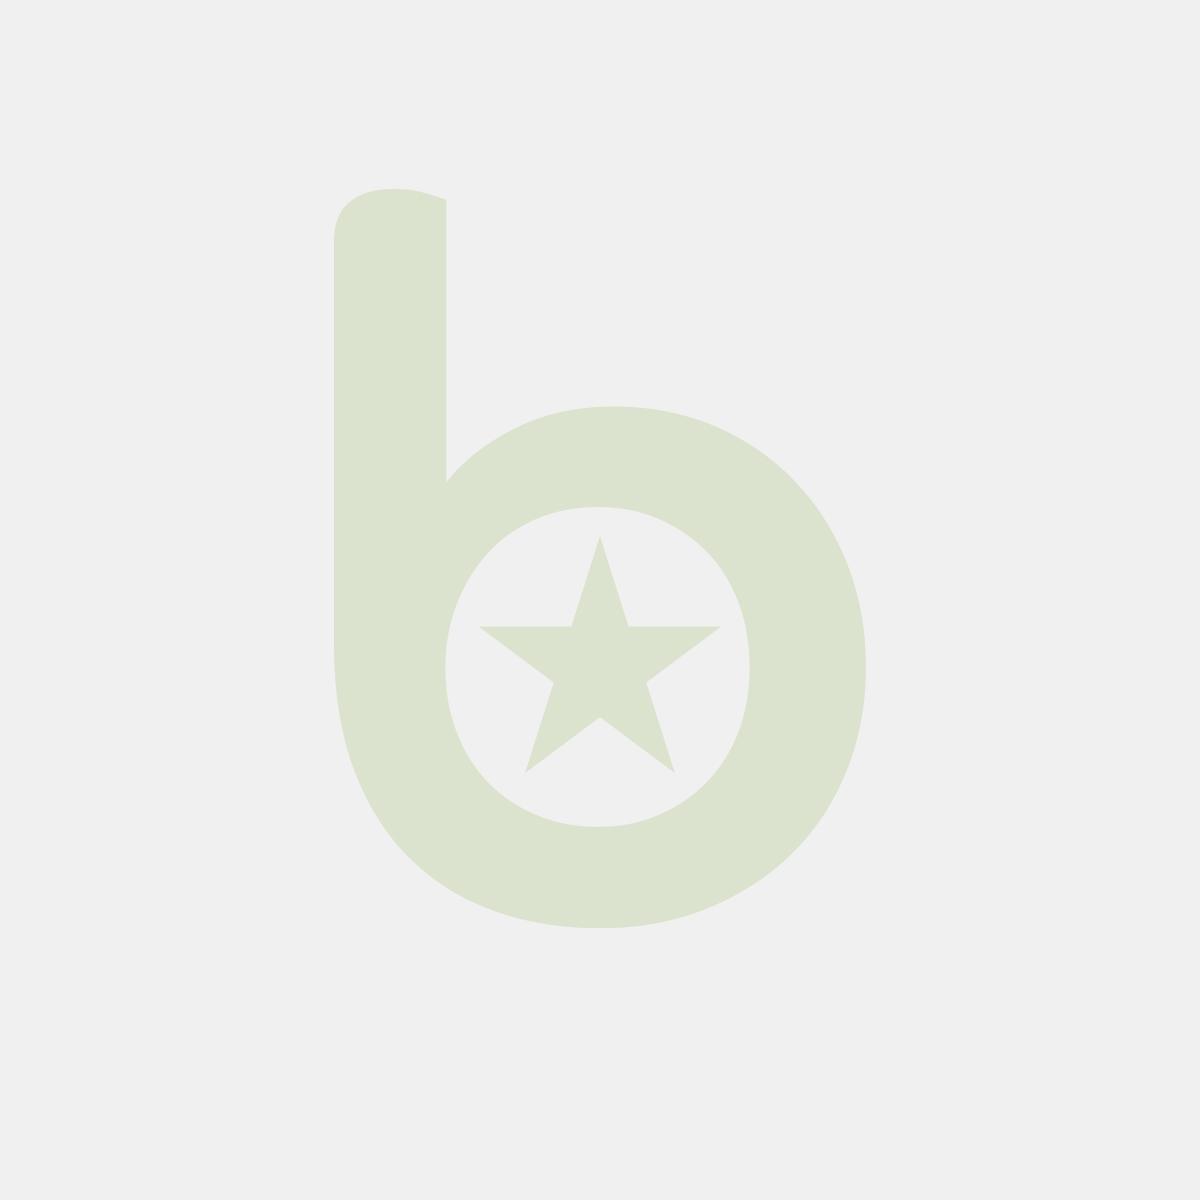 FINGERFOOD - talerzyk z trzciny cukrowej, kwadratowy 13x13cm biały op. 50 sztuk